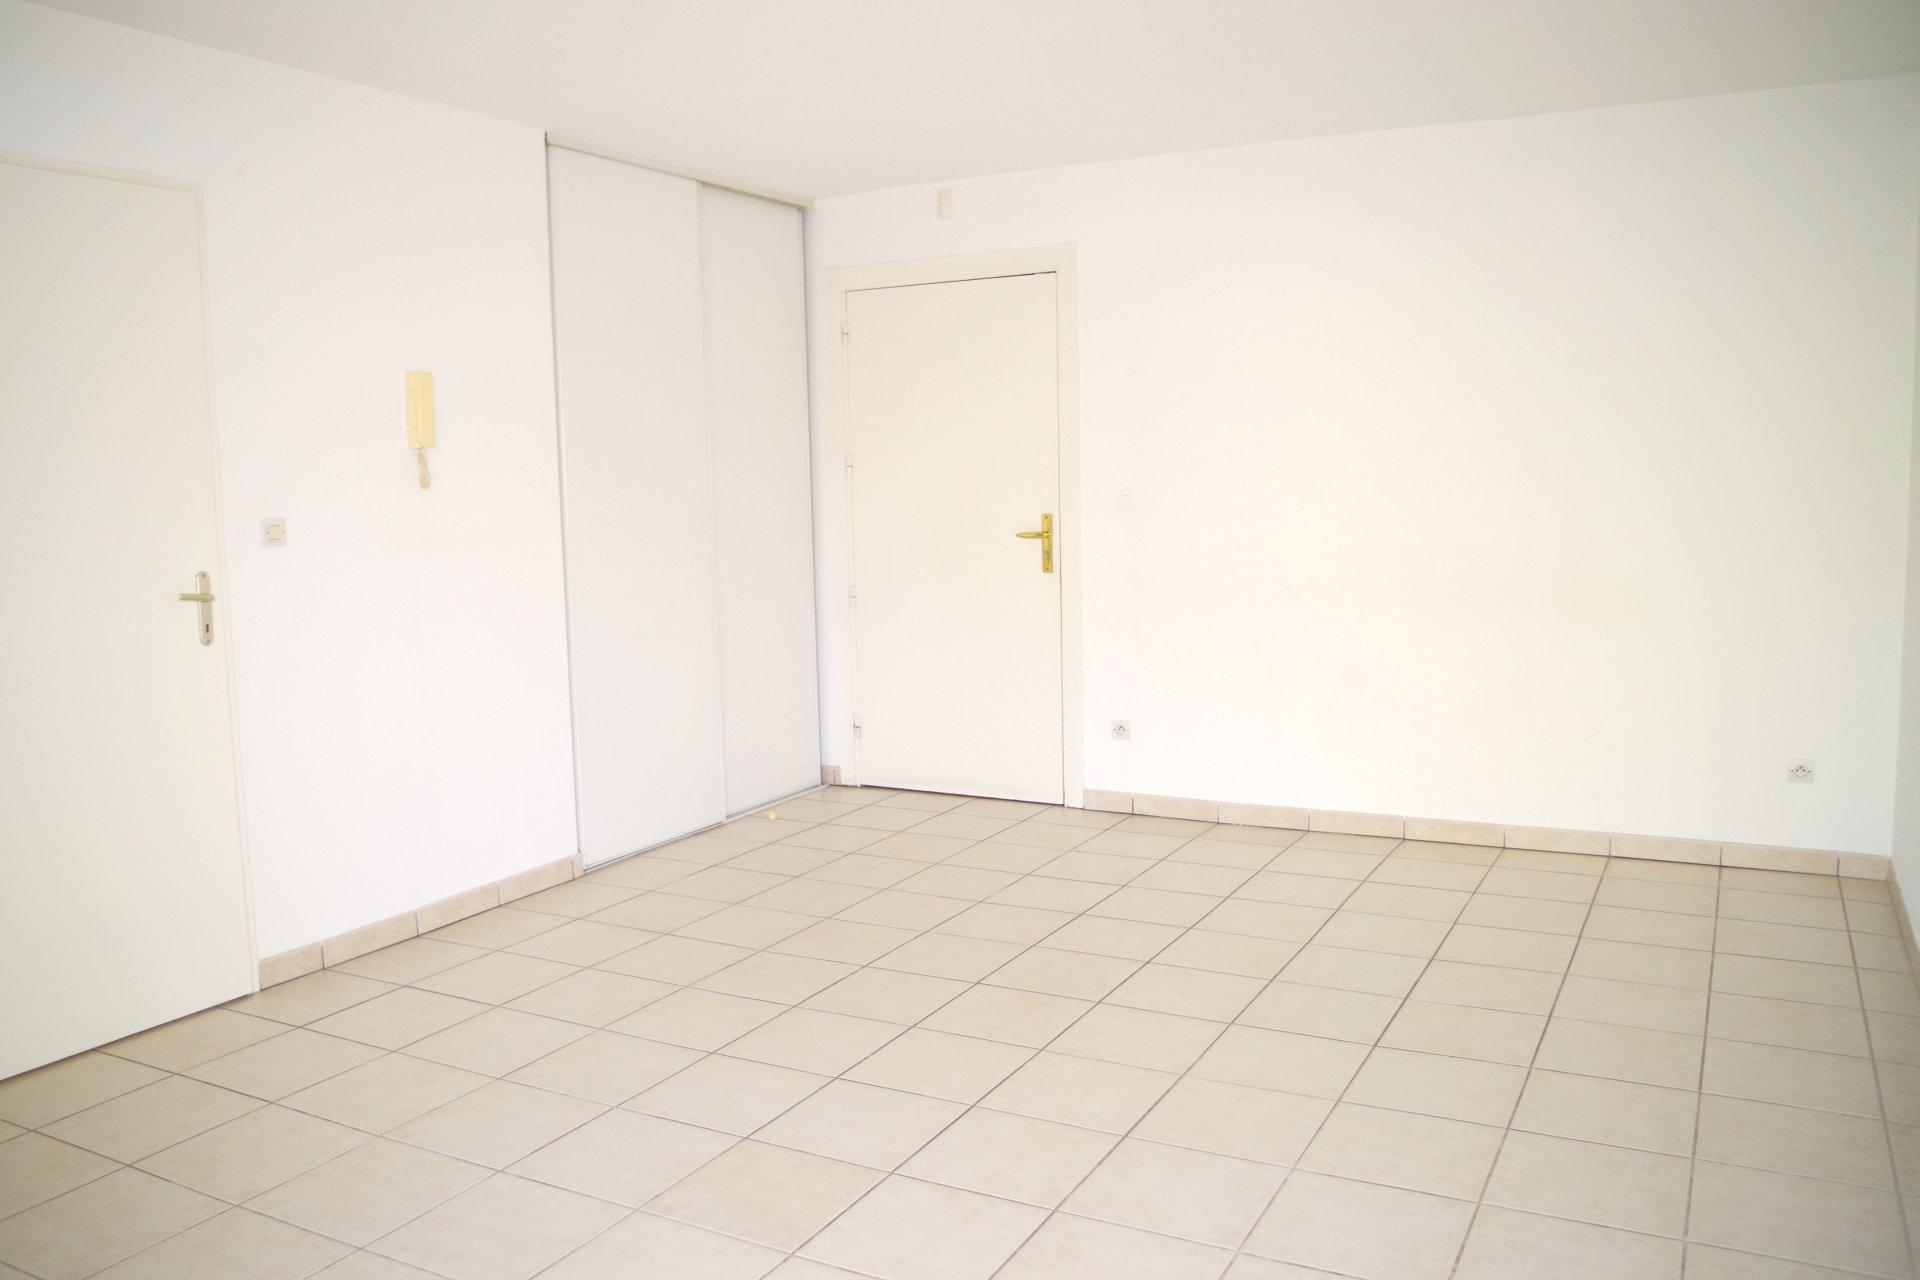 Appartement T2 - 41 m² - TOULOUSE ATLANTA